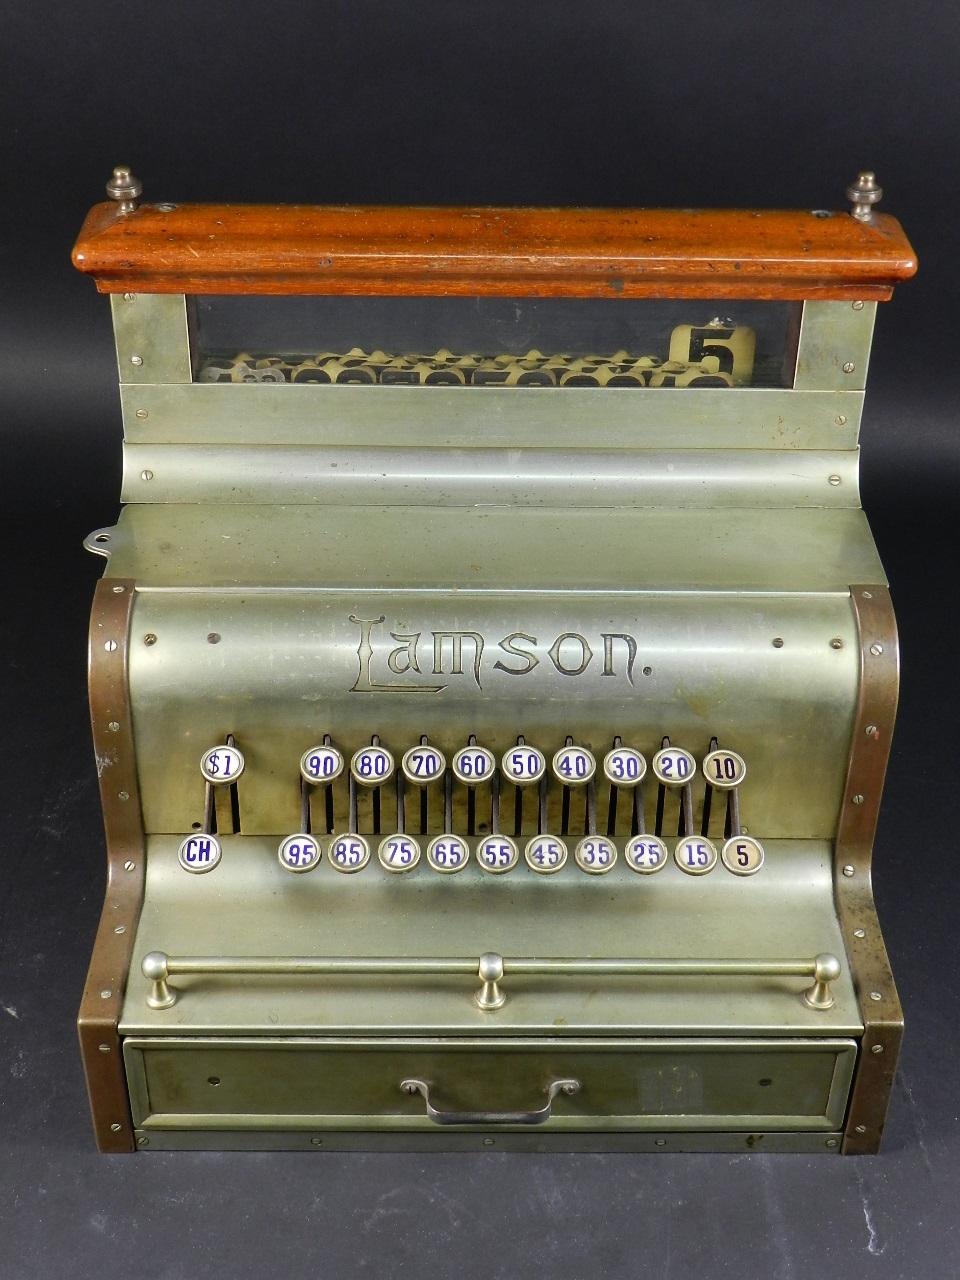 Imagen REGISTRADORA LAMSON Mod.10  AÑO 1895 37840